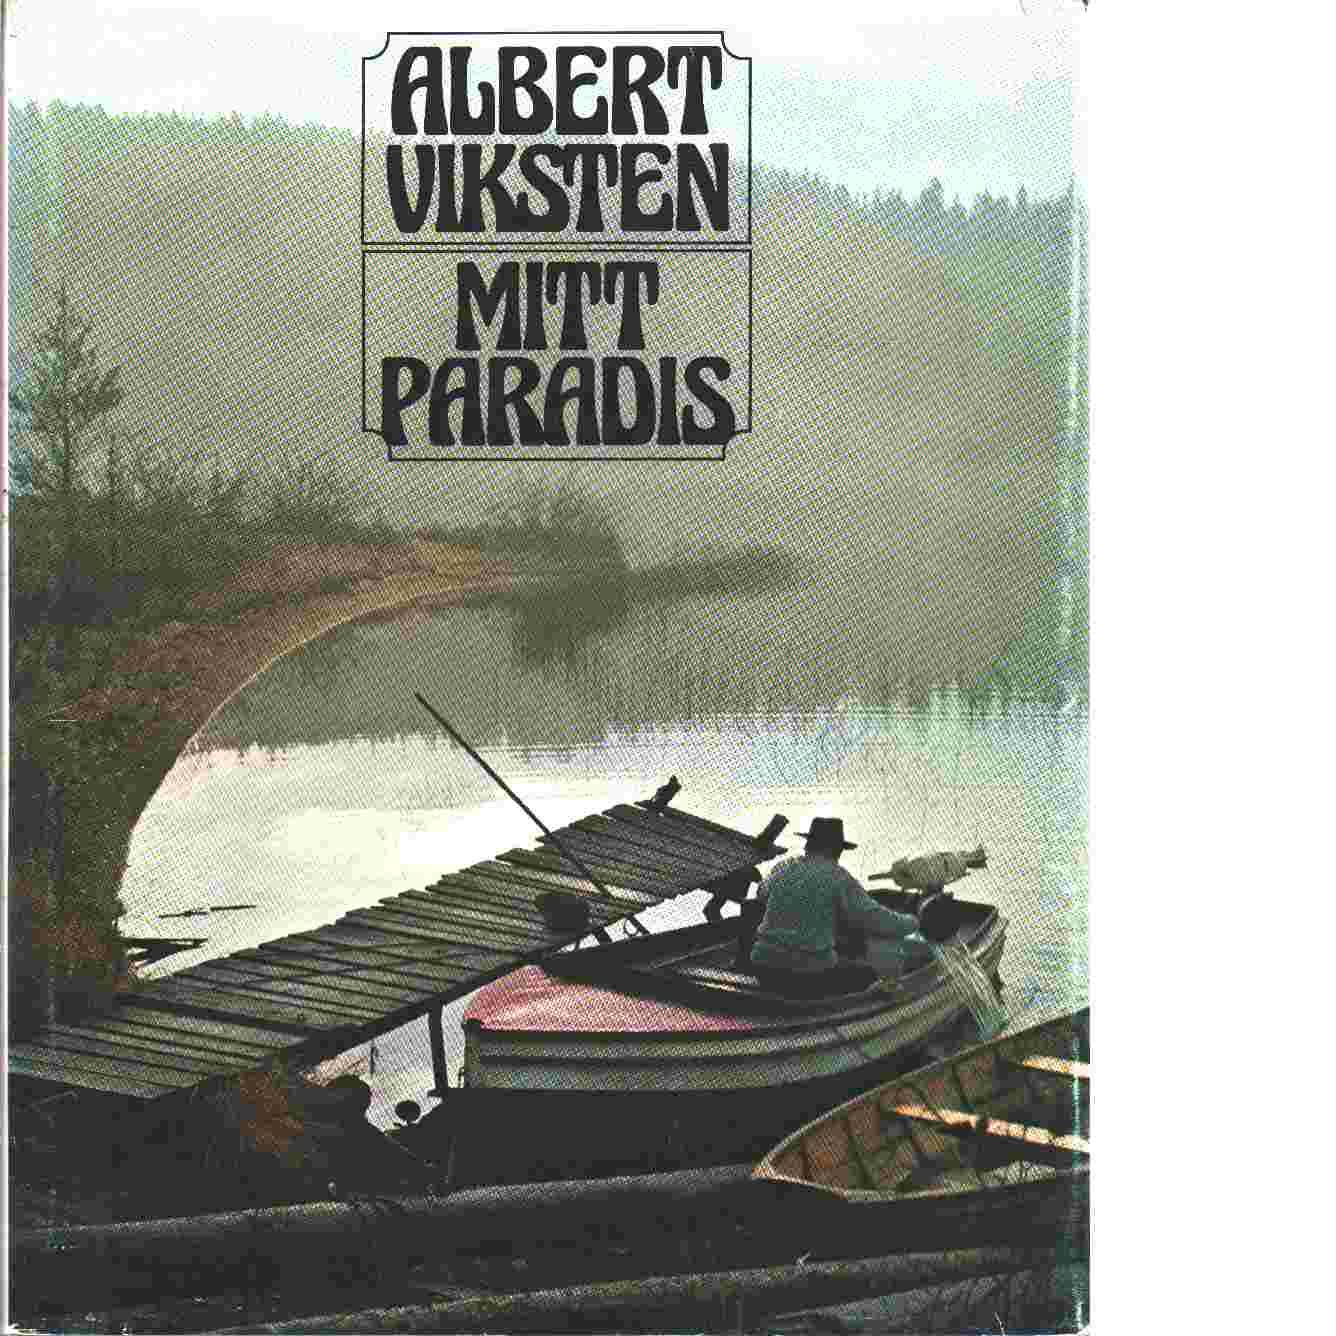 Mitt paradis - Viksten, Albert